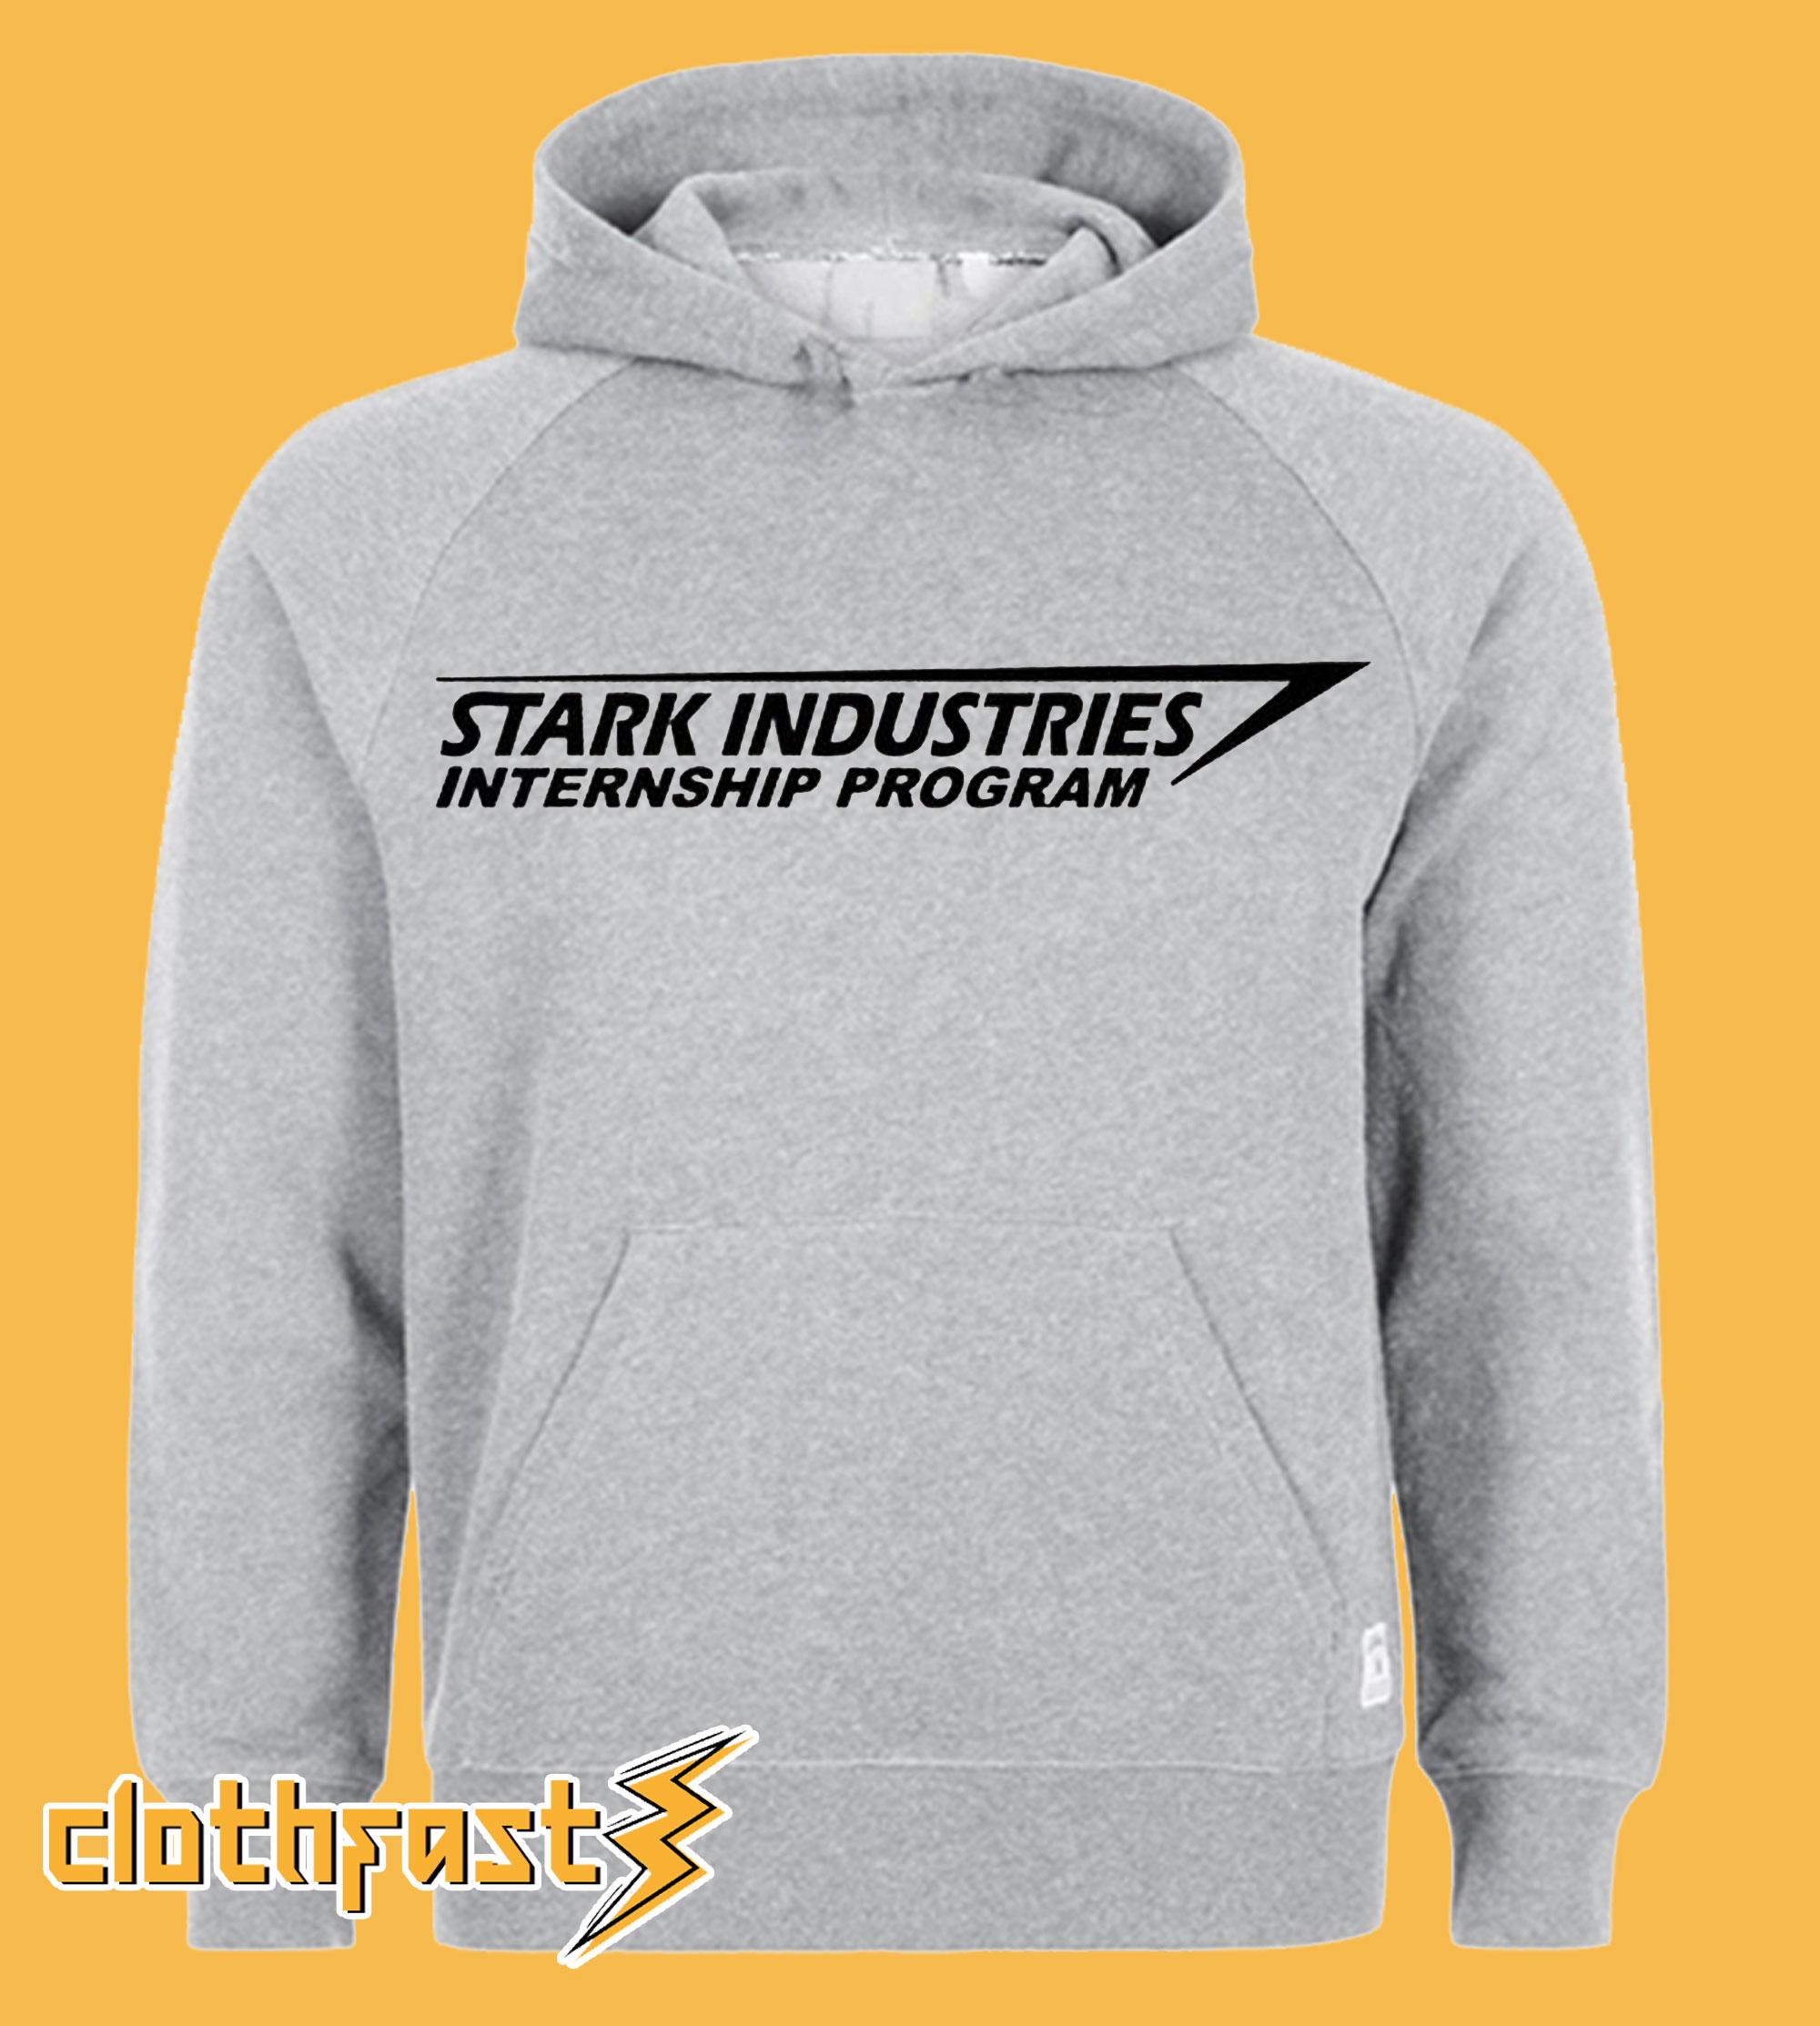 Stark Industries Internship Program Hoodie